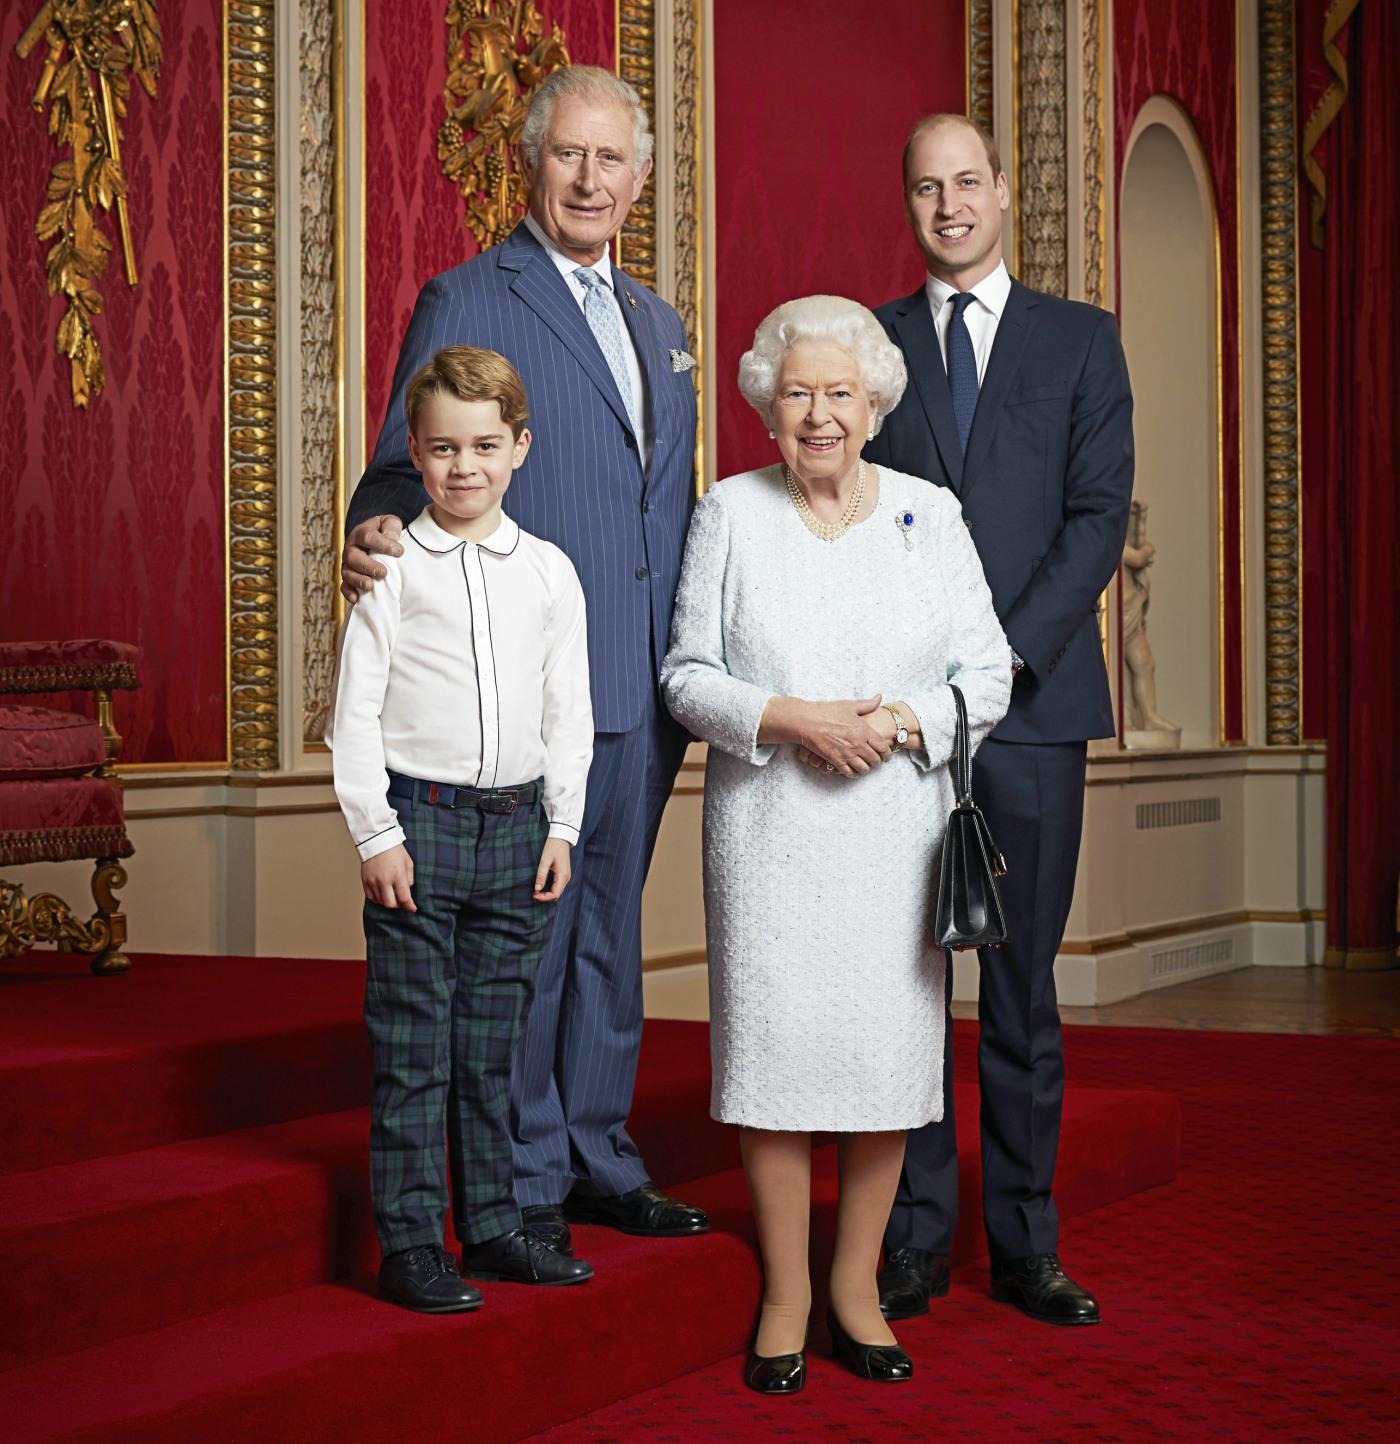 Royal Portrait